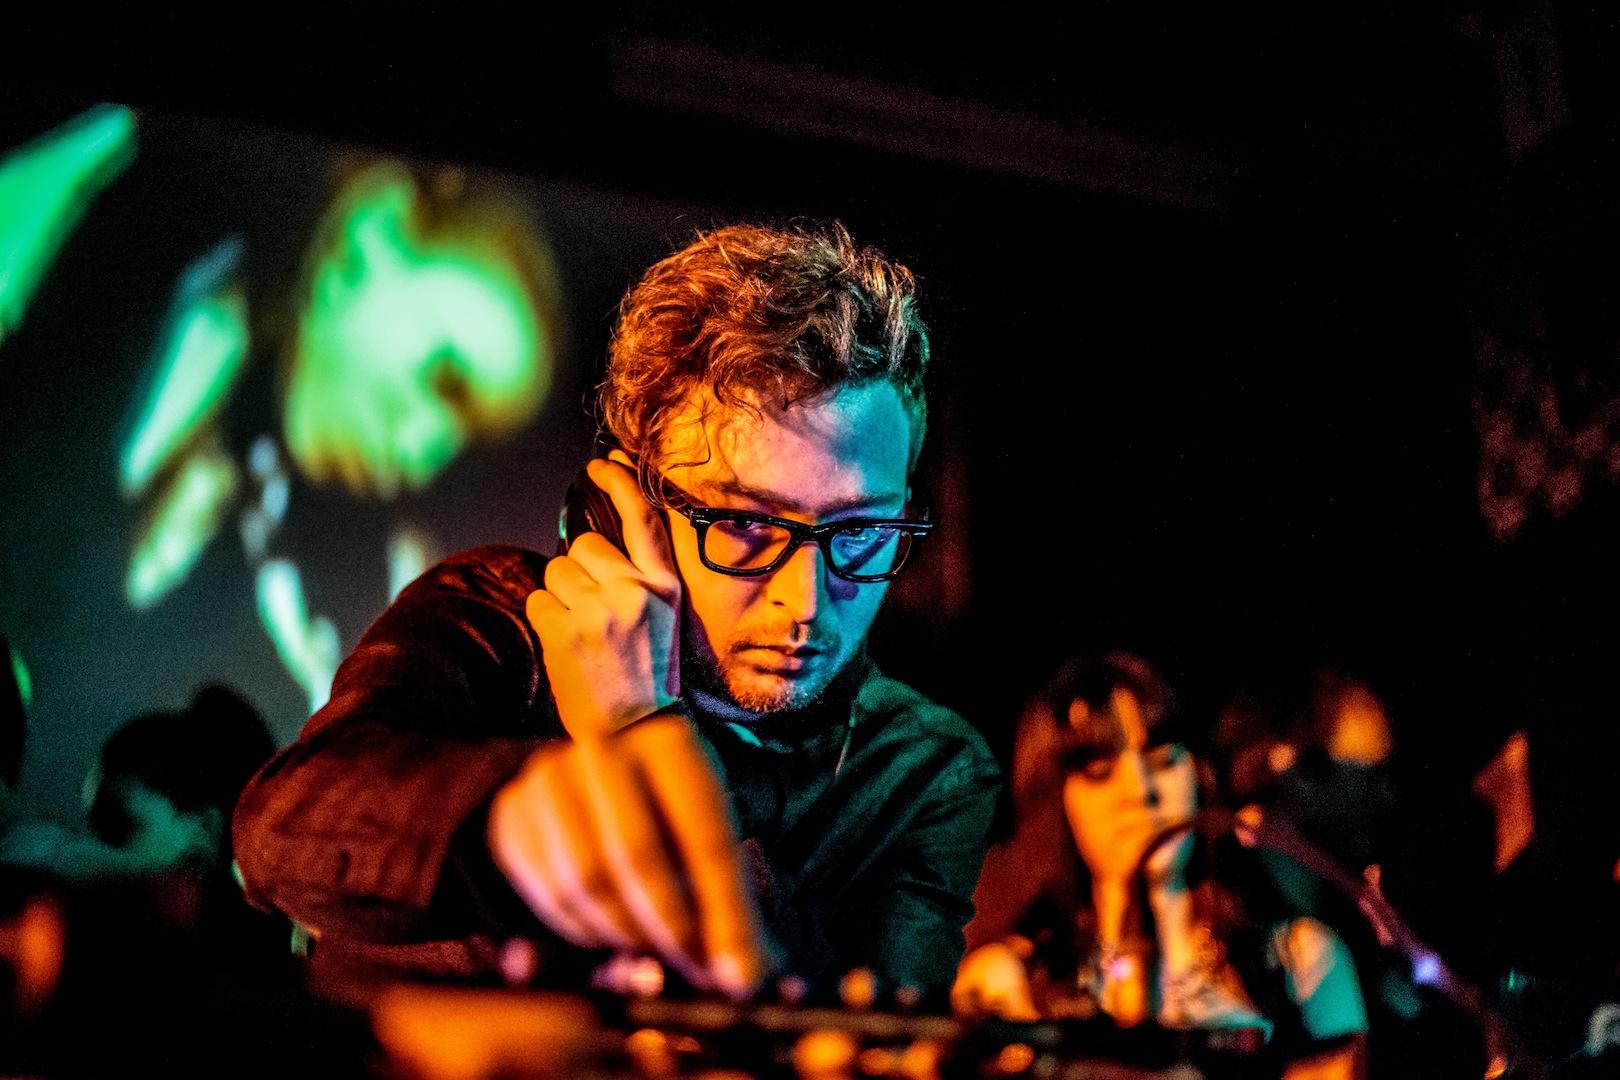 synkro [uk] the hifi club 08/01/2015